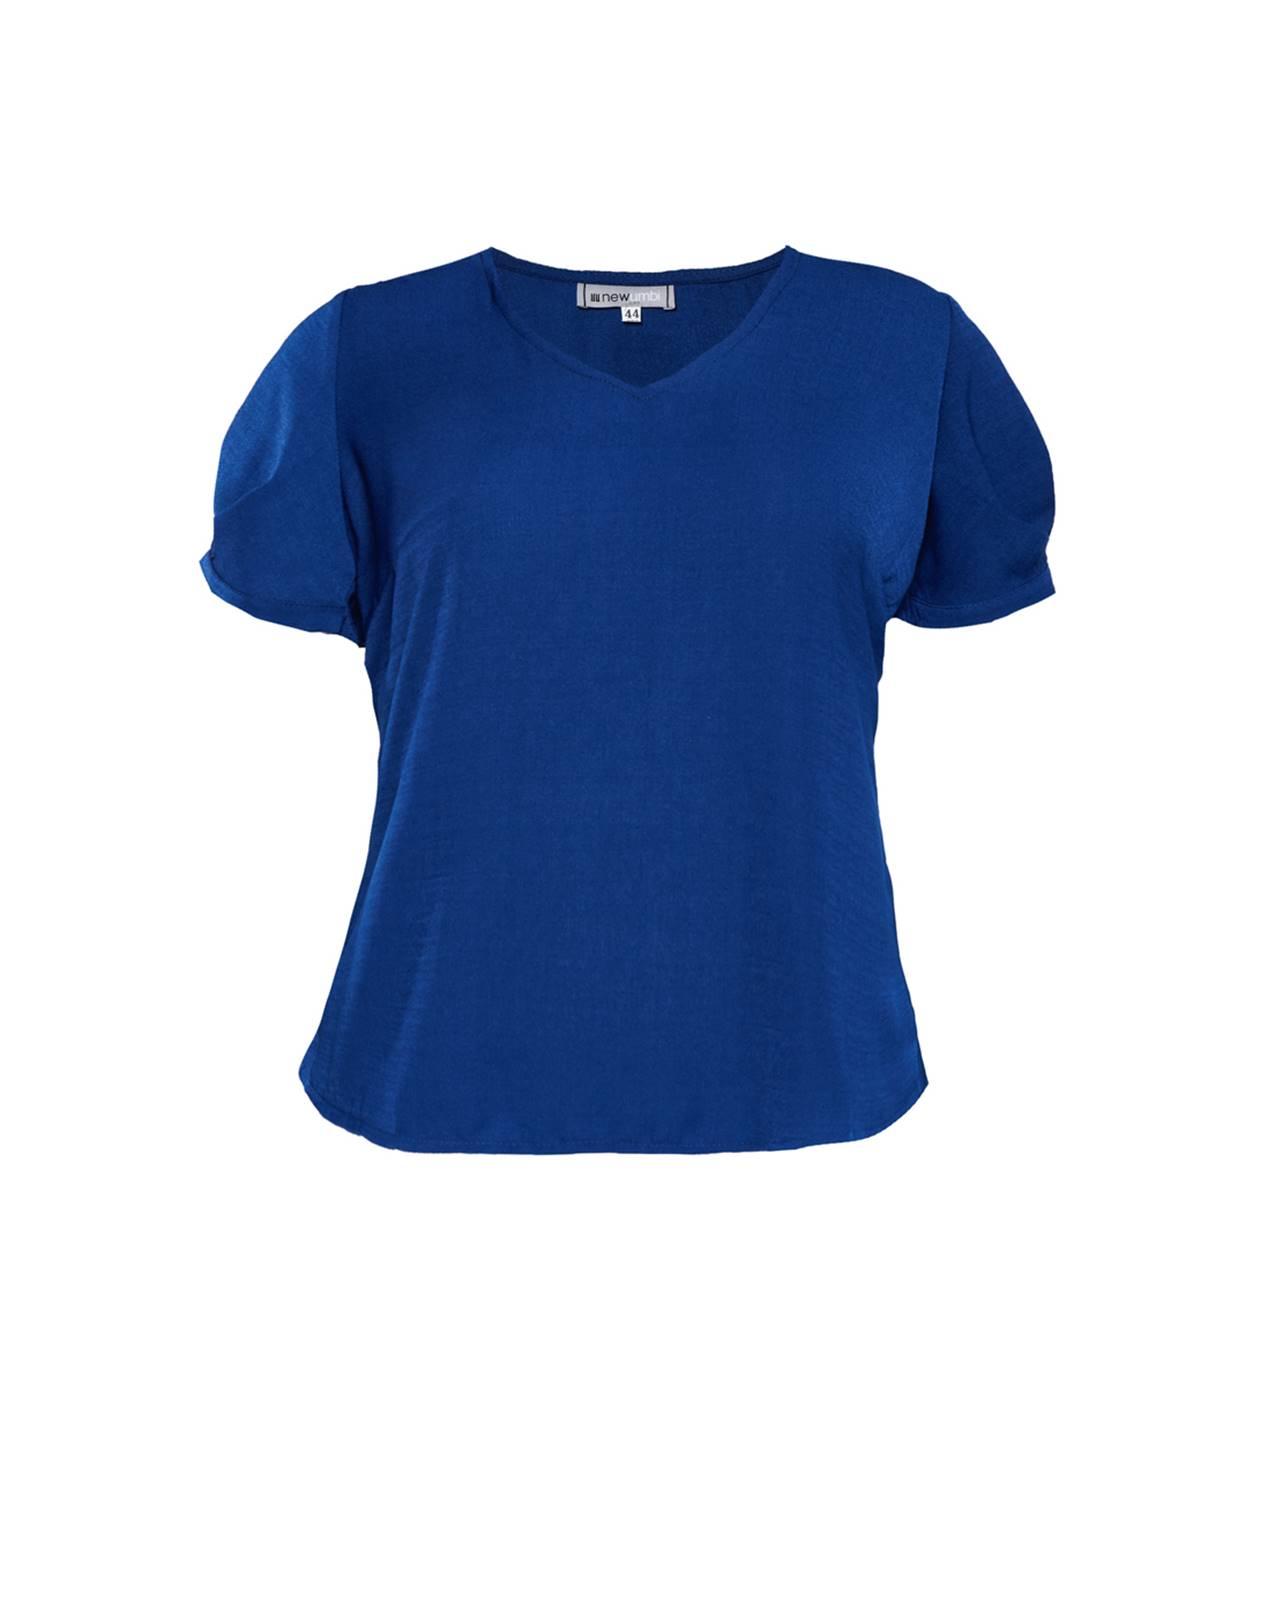 Blusa plus size azul de manguinha Ref.  U59121